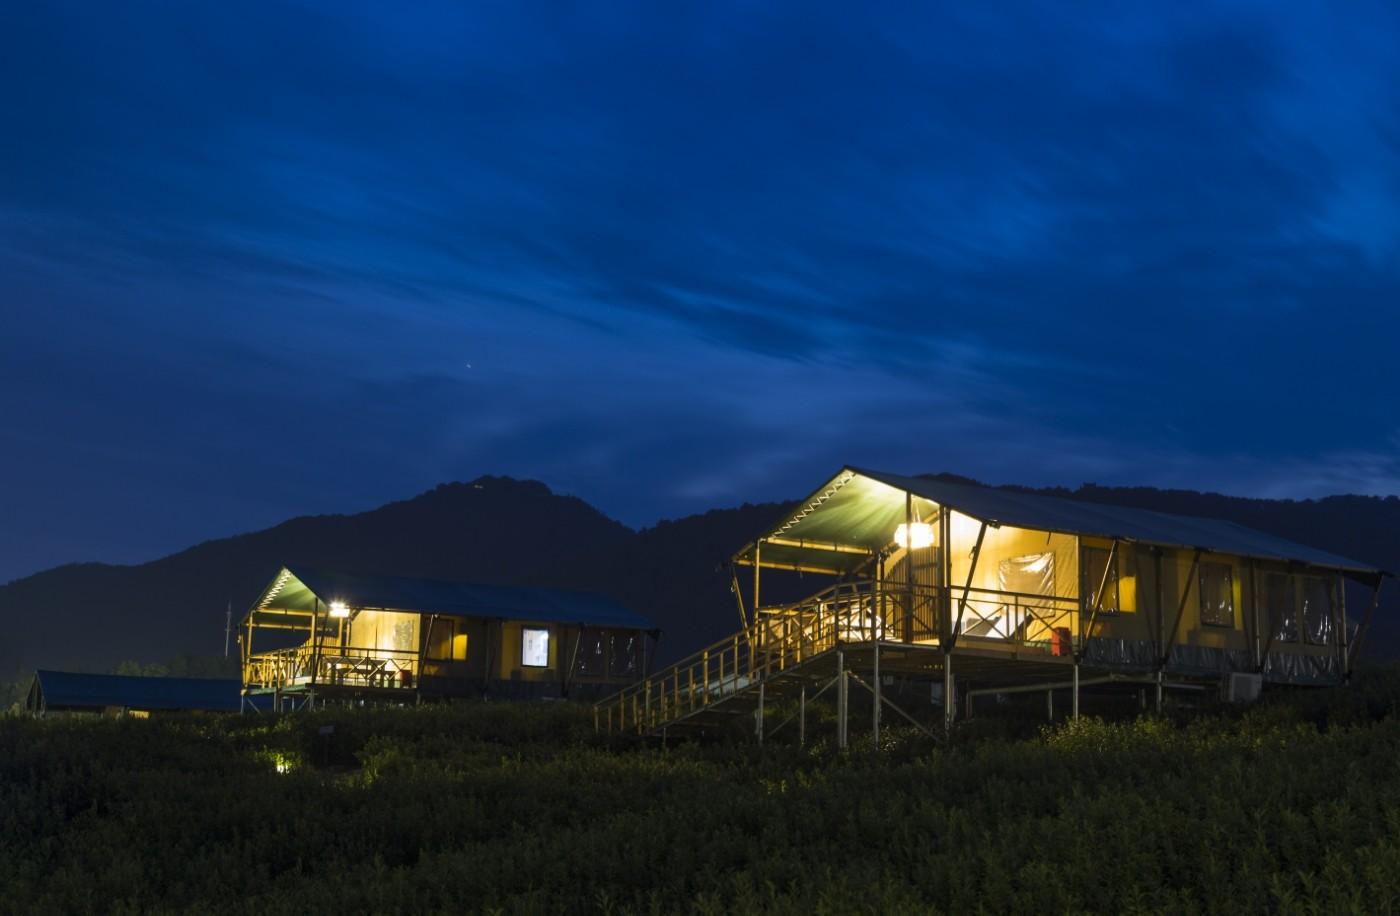 喜马拉雅野奢帐篷酒店—宝盛园夜色20